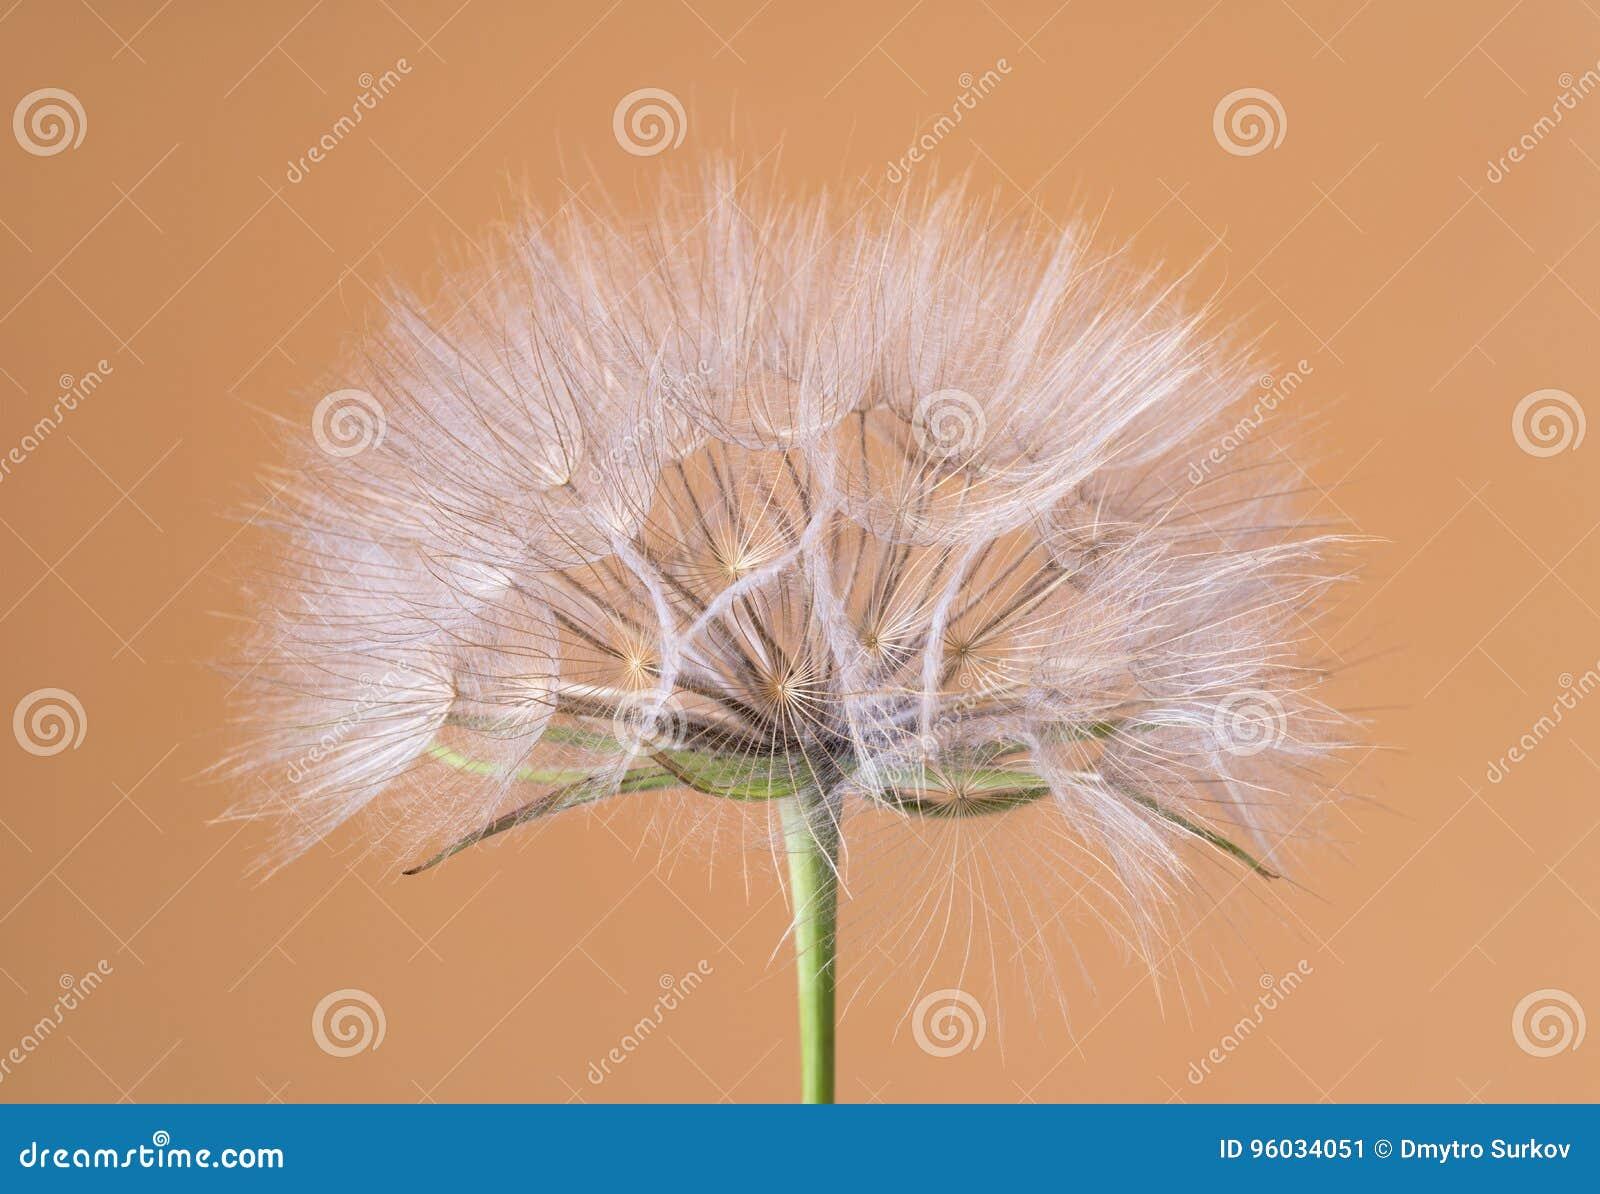 Tragopogon dubius, Dandelion, makro- wizerunek